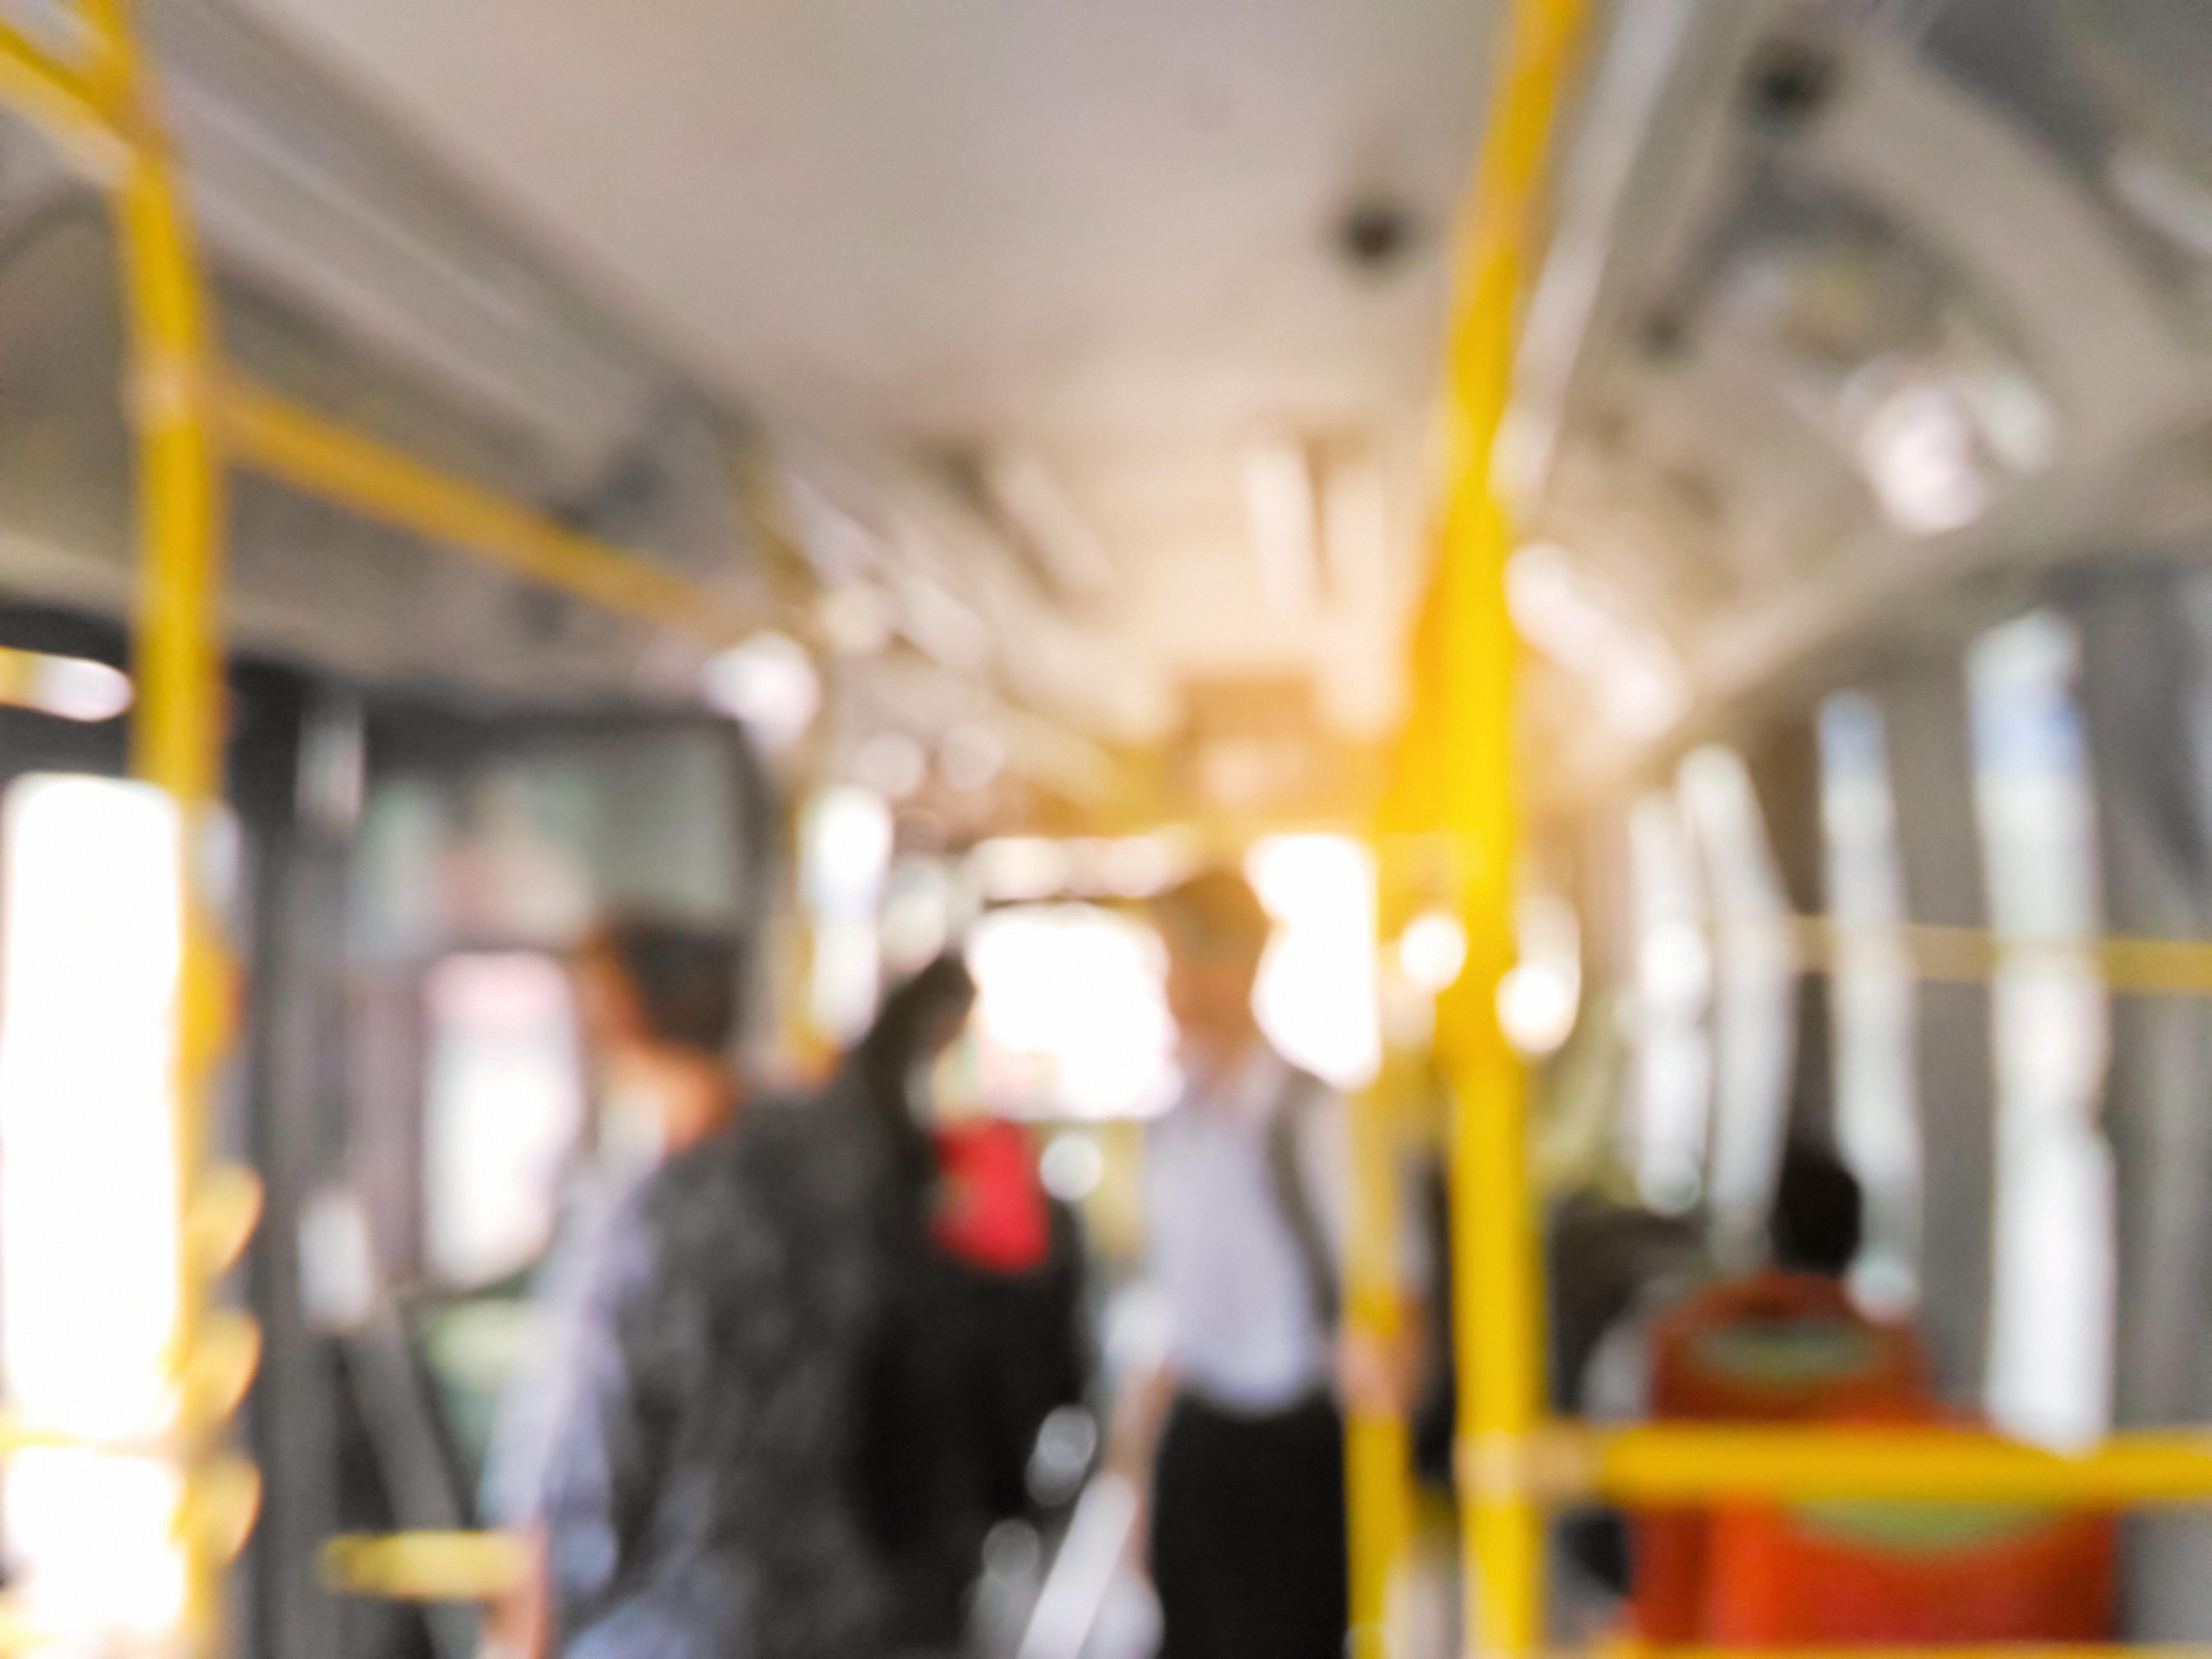 Mädchen im Bus fühlen sich durch 12-Jährige mit Behinderung belästigt – dann postet ihr Vater emotionalen